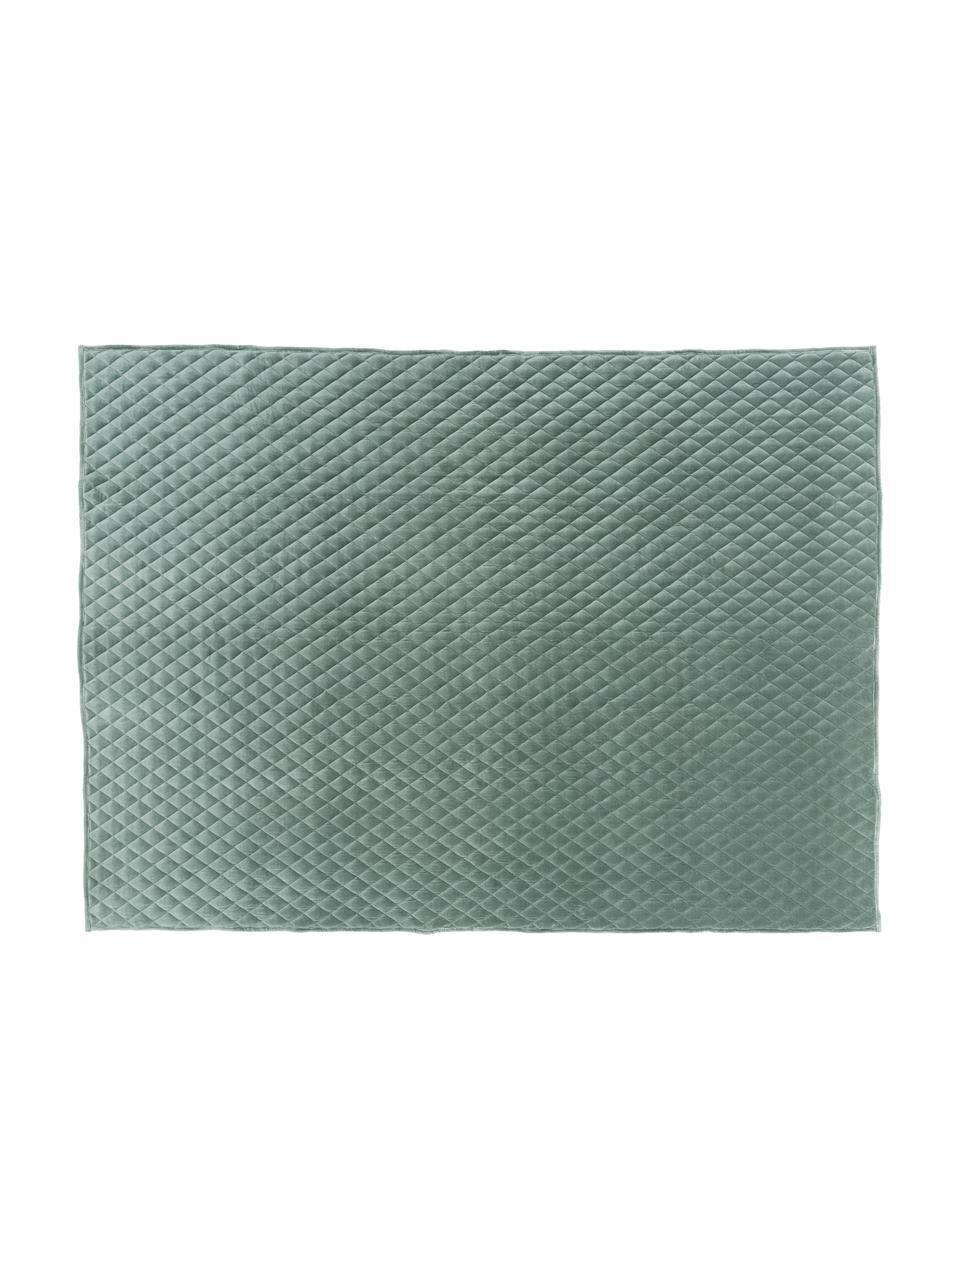 Couvre-lit ouaté en velours matelassé Cosima, Vert sauge